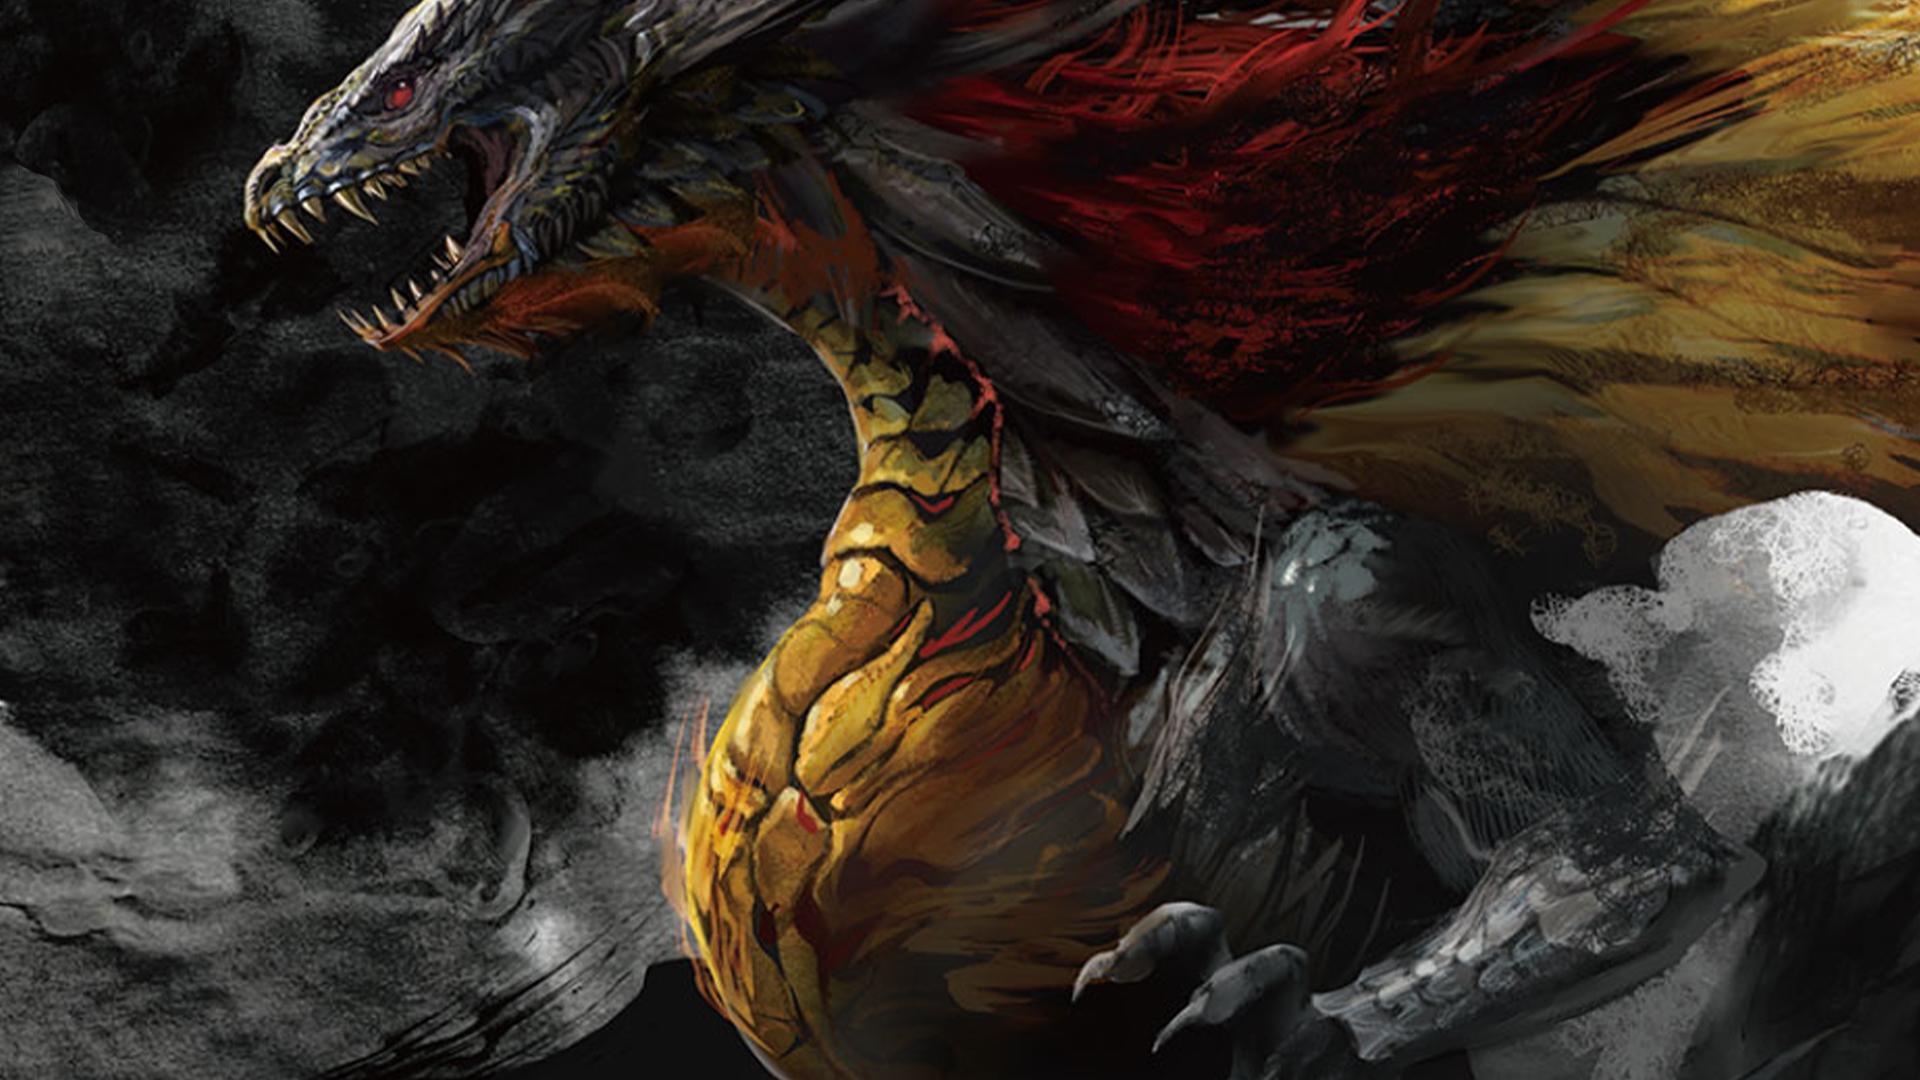 An FFTCG Original Art of the dragon Shinryu by Toshitaka Matsuda